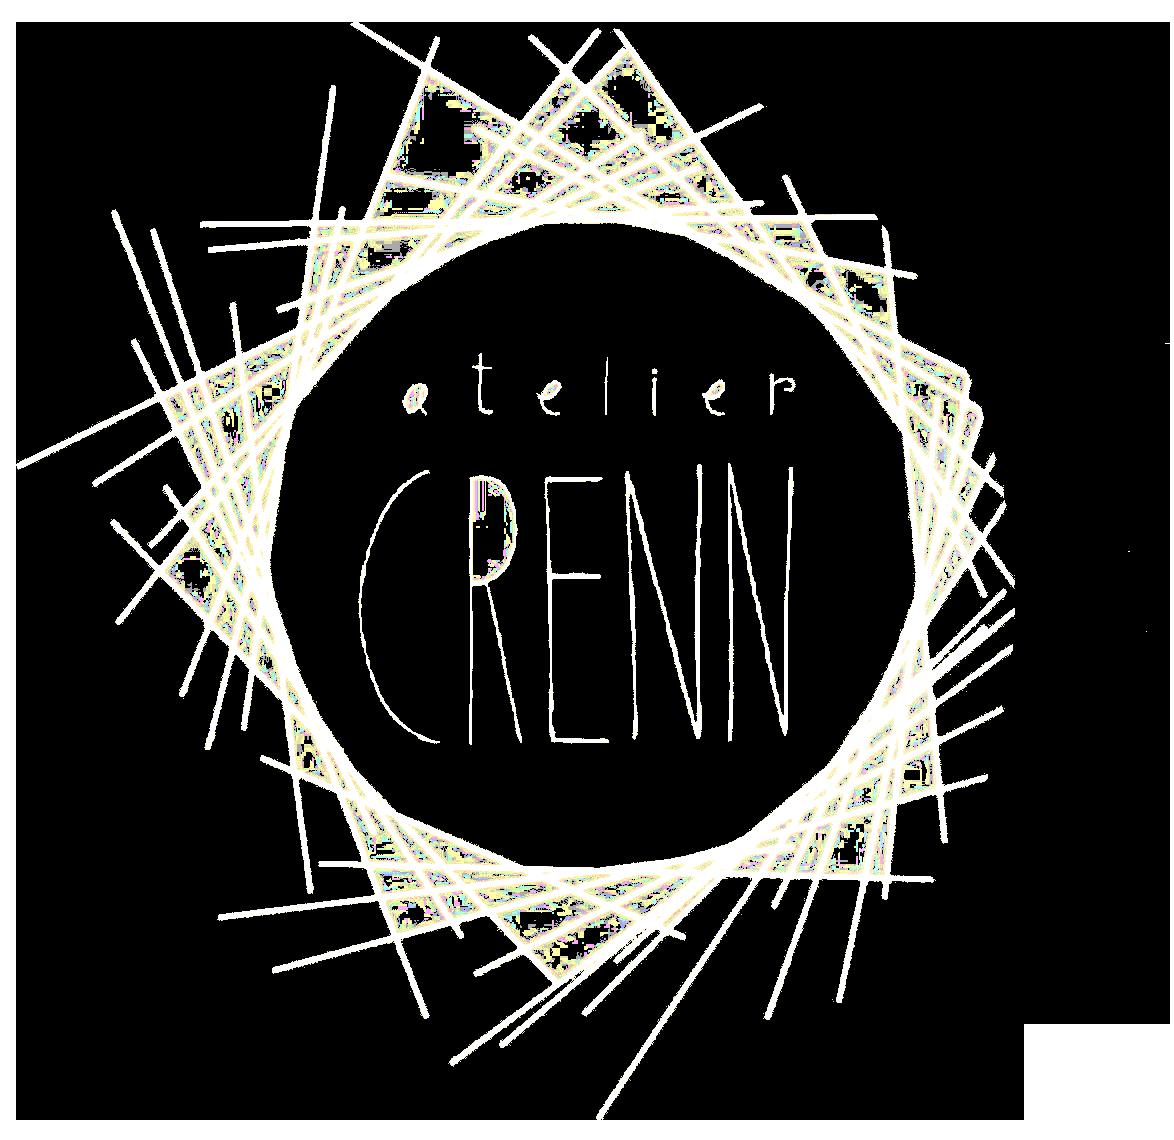 Atelier Crenn Home